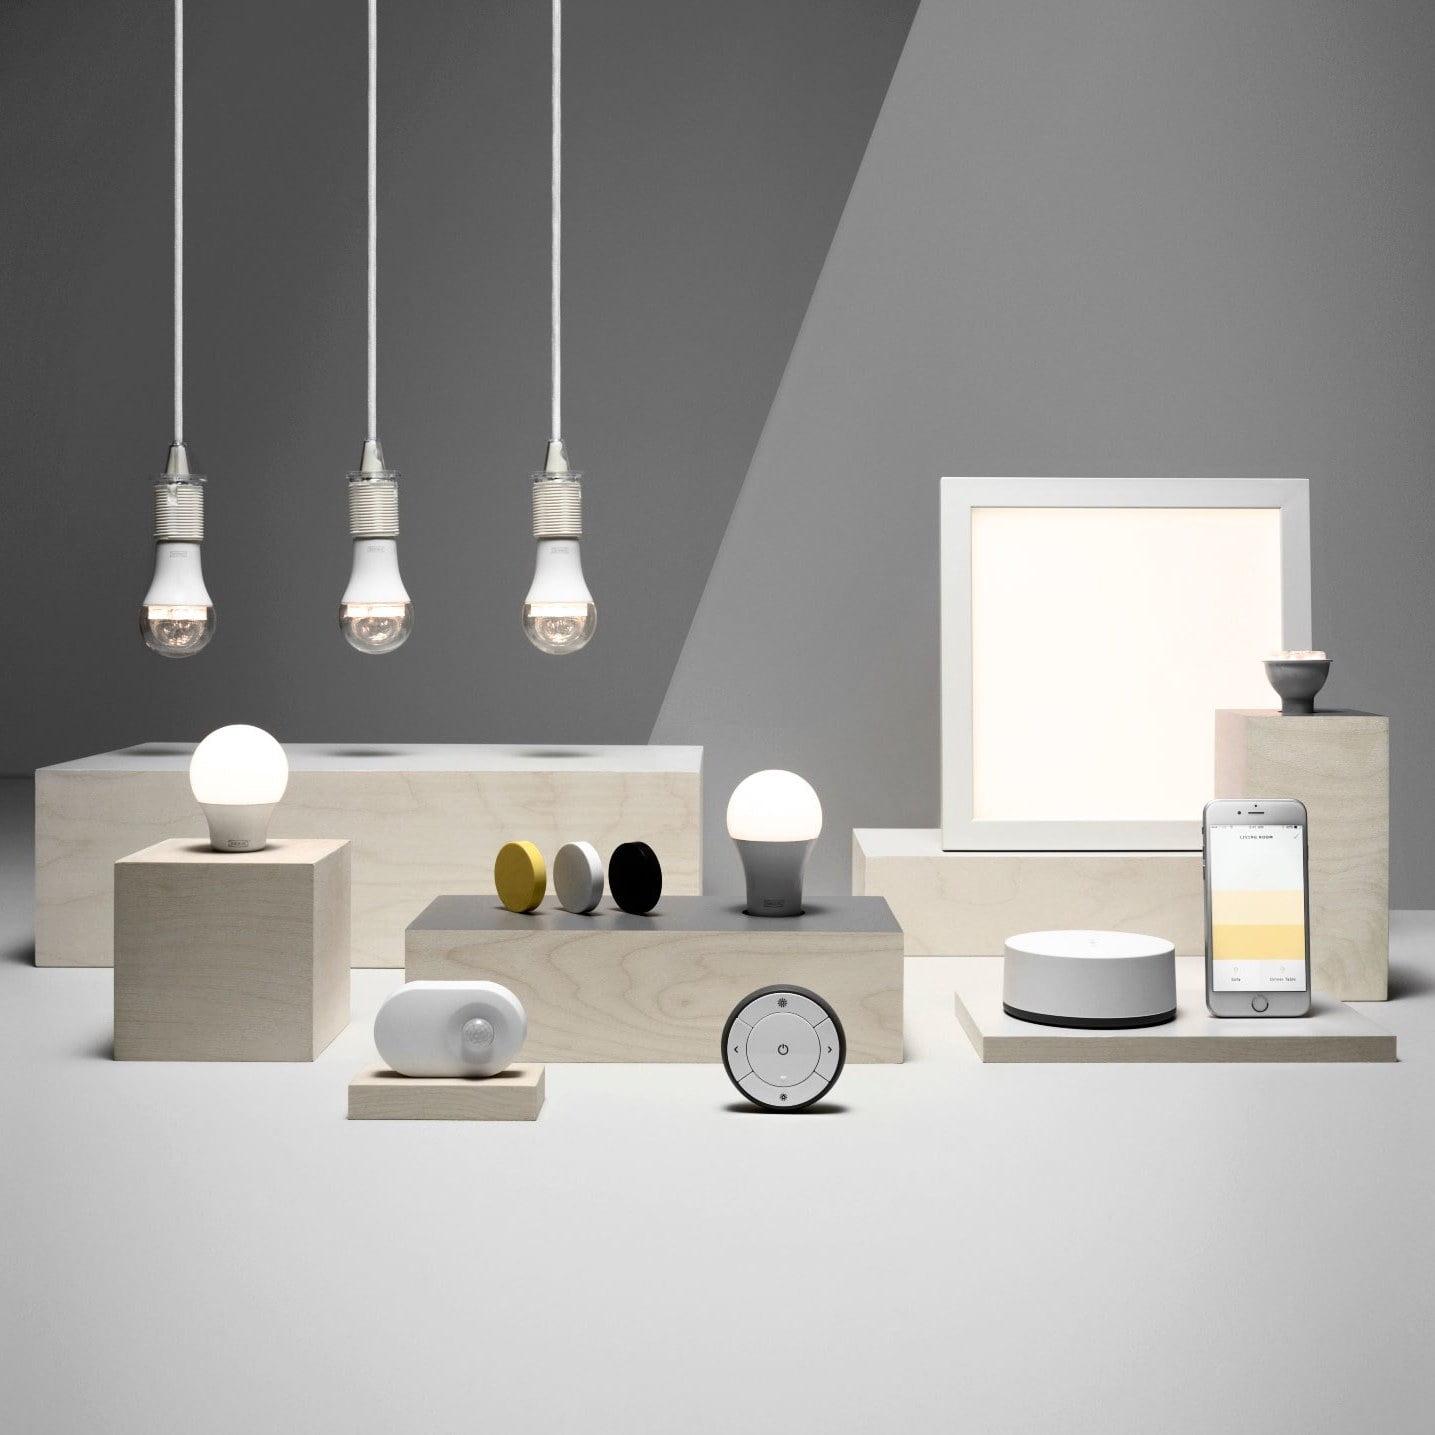 Ikea Smart Home 1